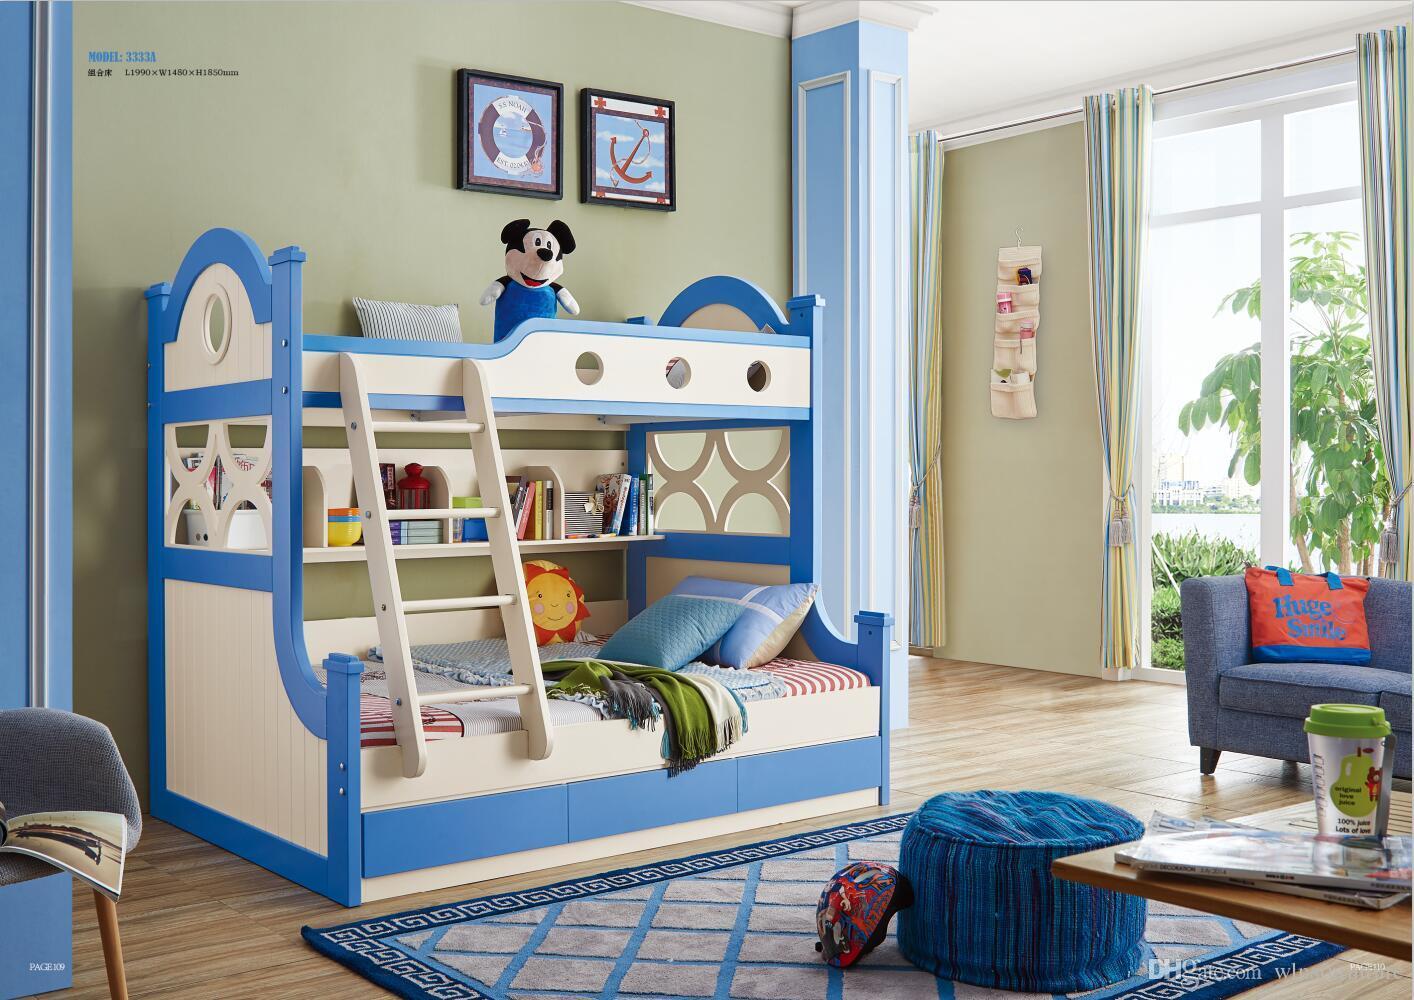 Etagenbett Kinder Mit Schrank : Großhandel eschenholz kinder schlafzimmermöbel massivholz